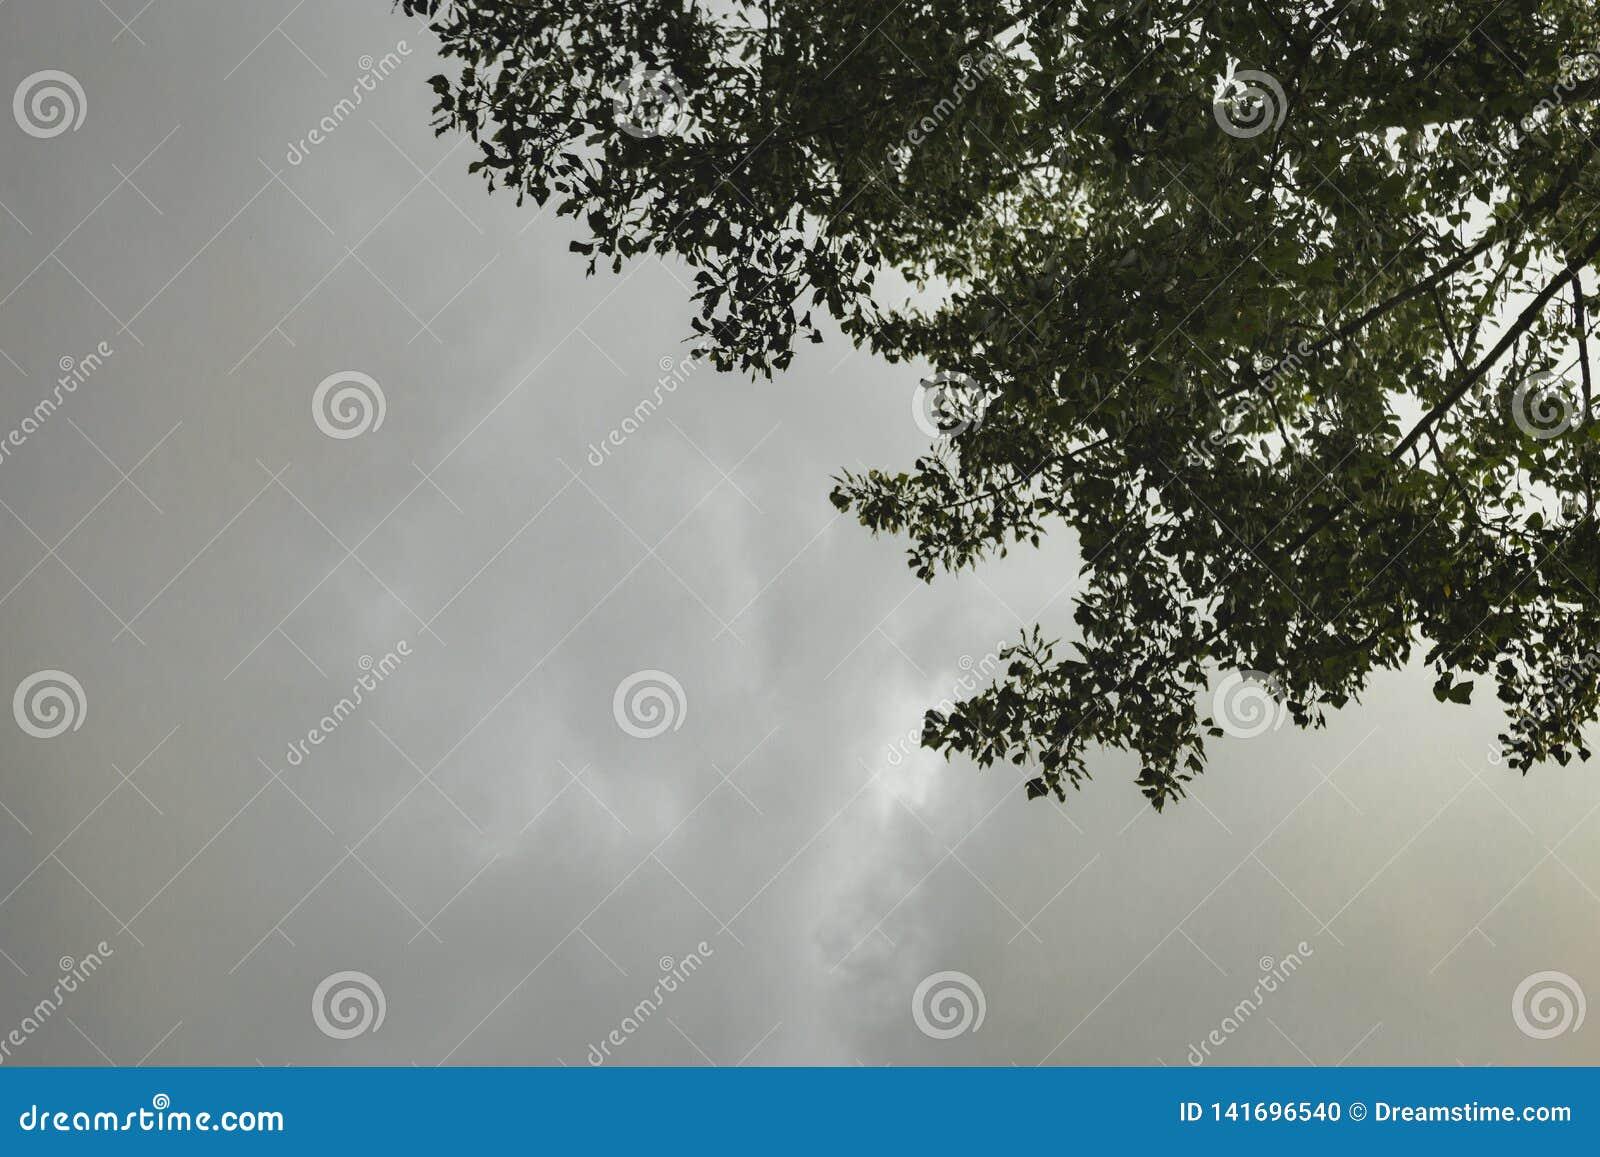 Ciemne podeszczowe chmury tworzy nad drzewa